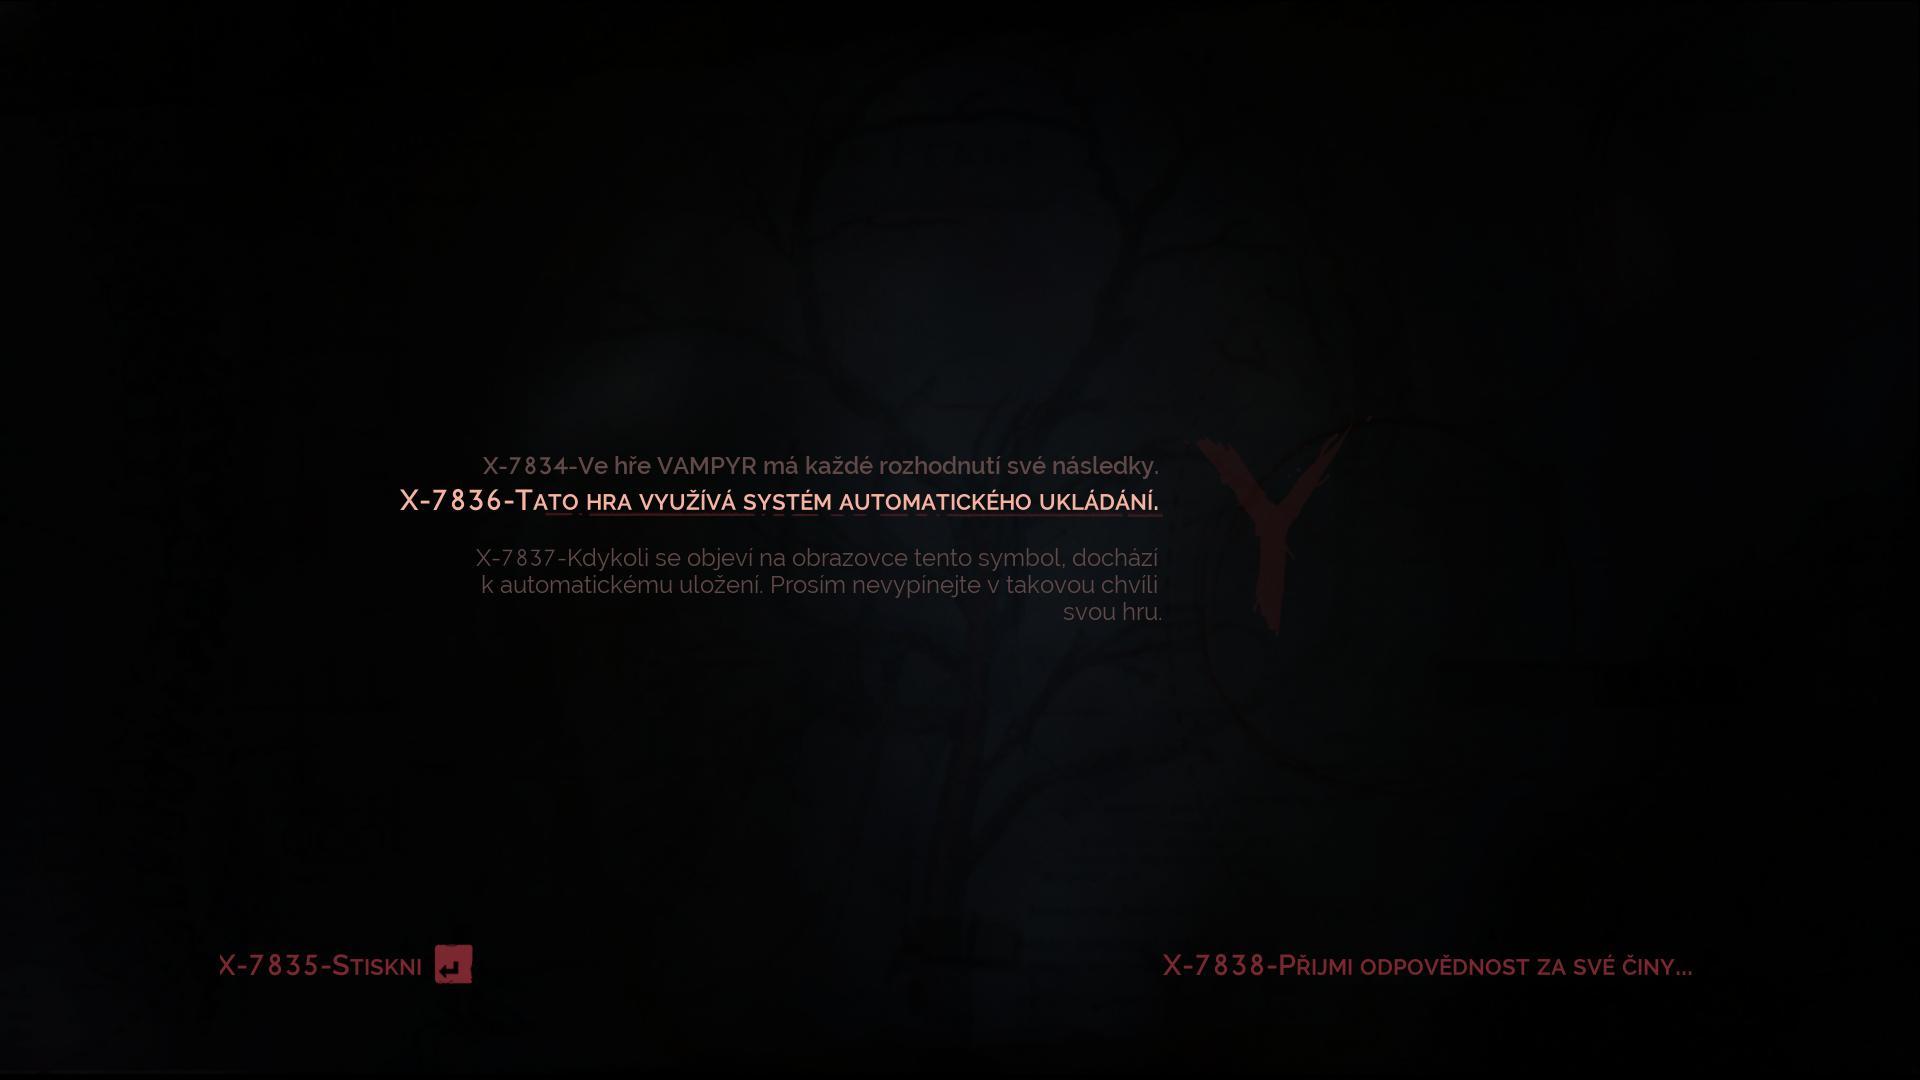 Vampyr si konečně zahrajete v češtině AVGame Win64 Shipping 2020 07 01 12 31 01 51